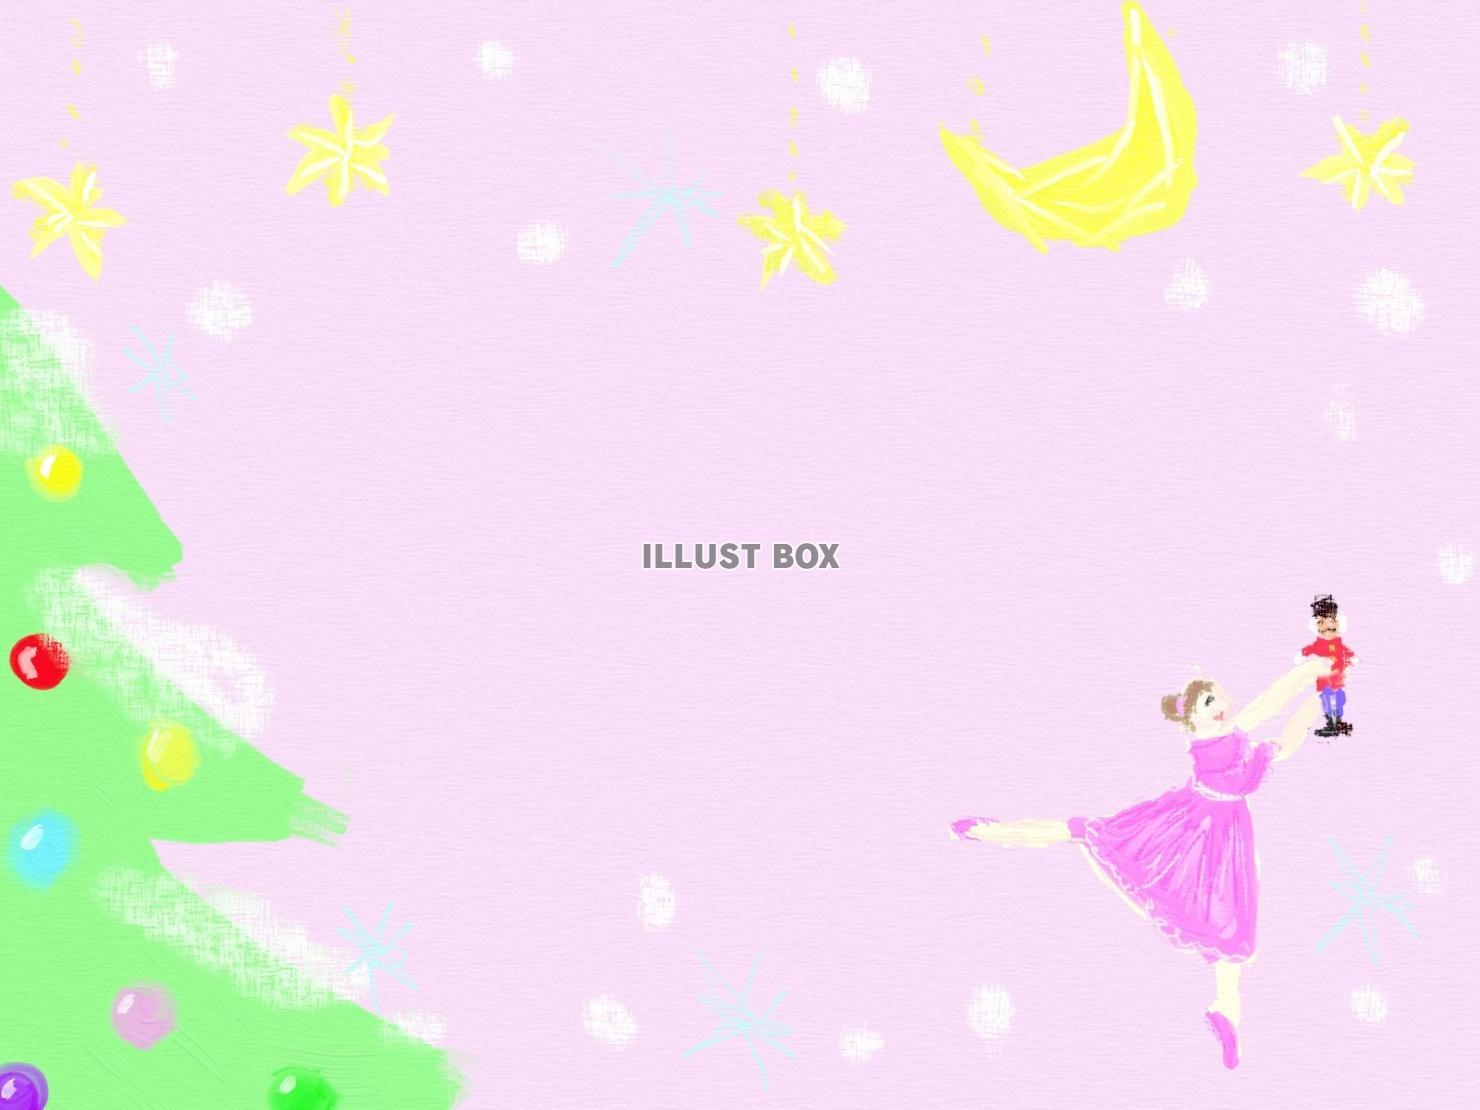 無料イラスト バレエのフレーム くるみ割り人形